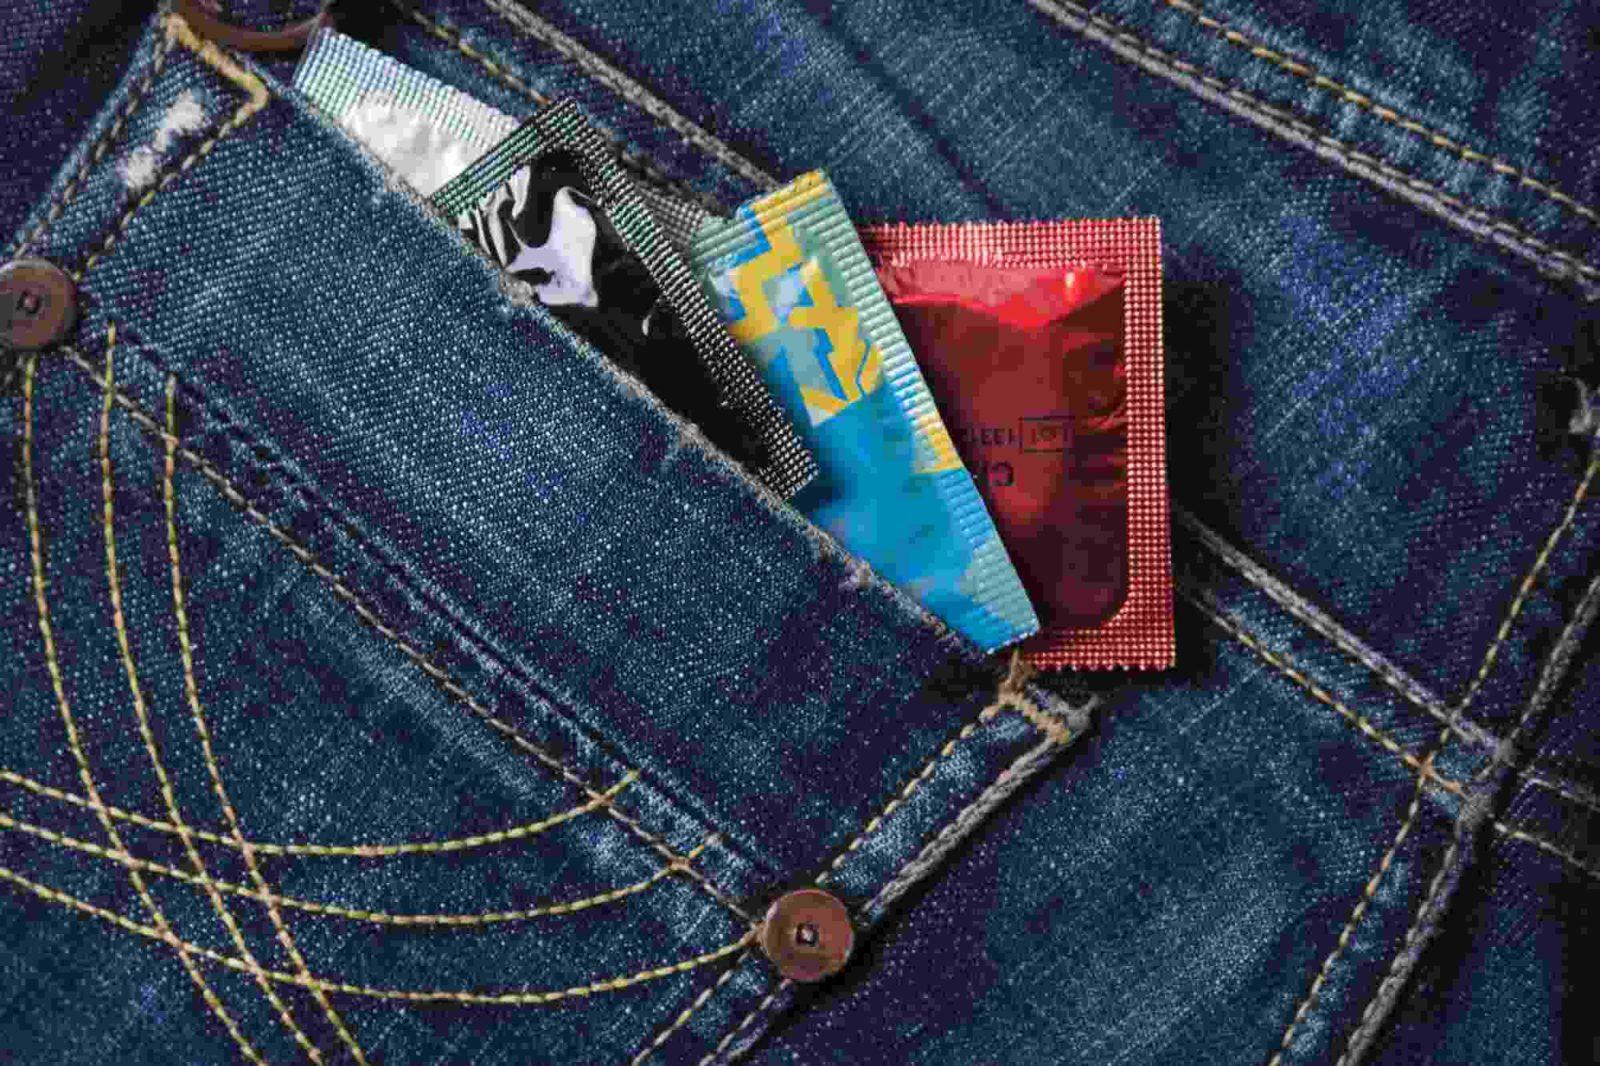 Современные мужские презервативы: какими бывают и как выглядят